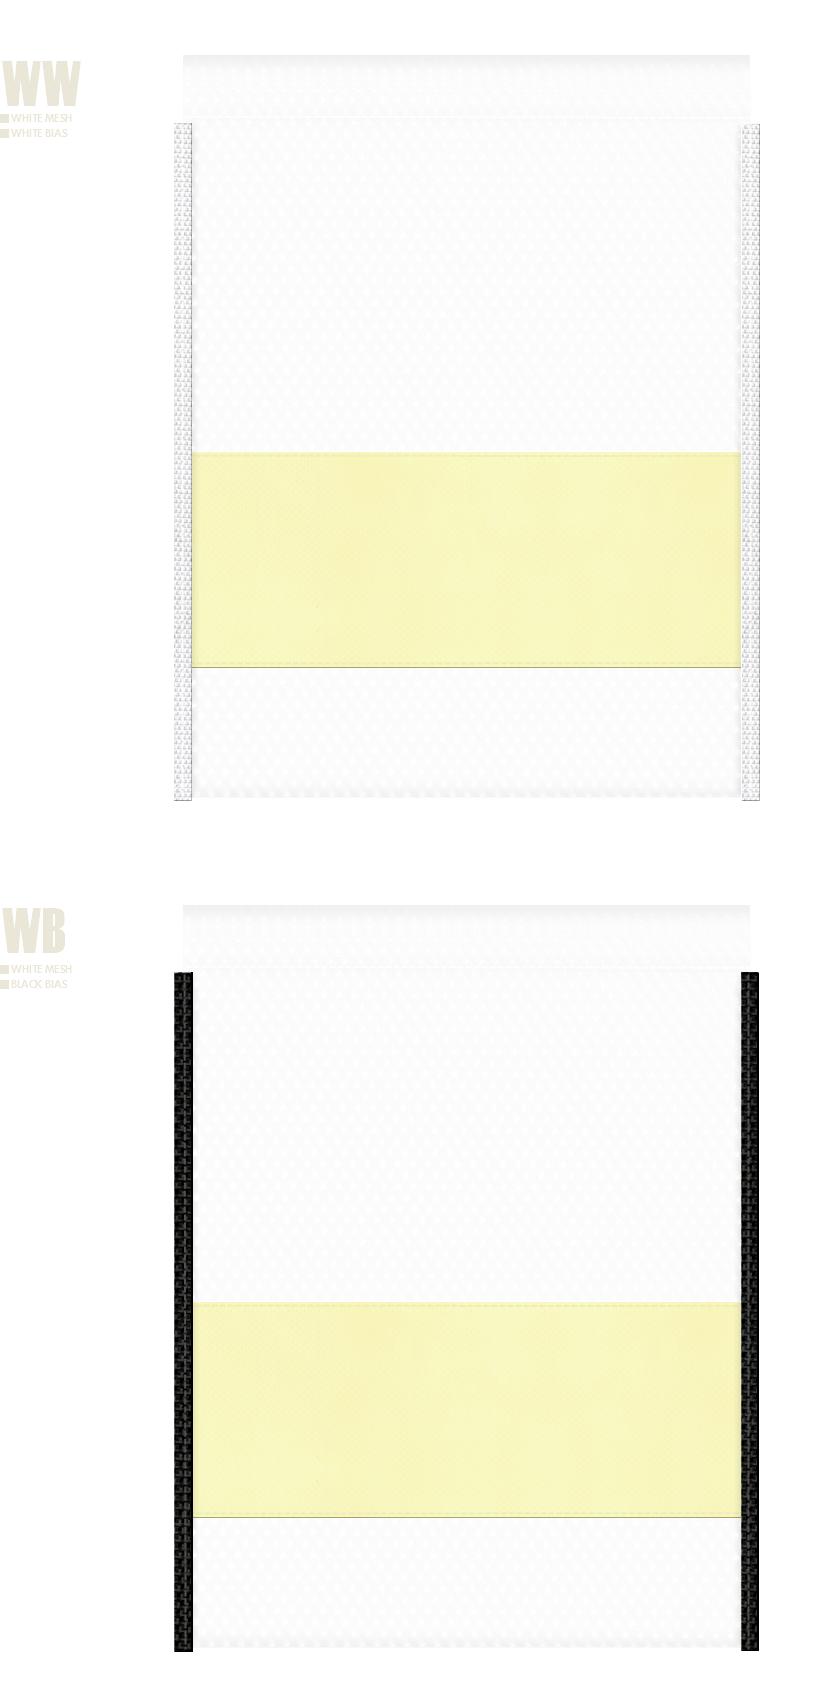 白色メッシュと薄黄色不織布のメッシュバッグカラーシミュレーション